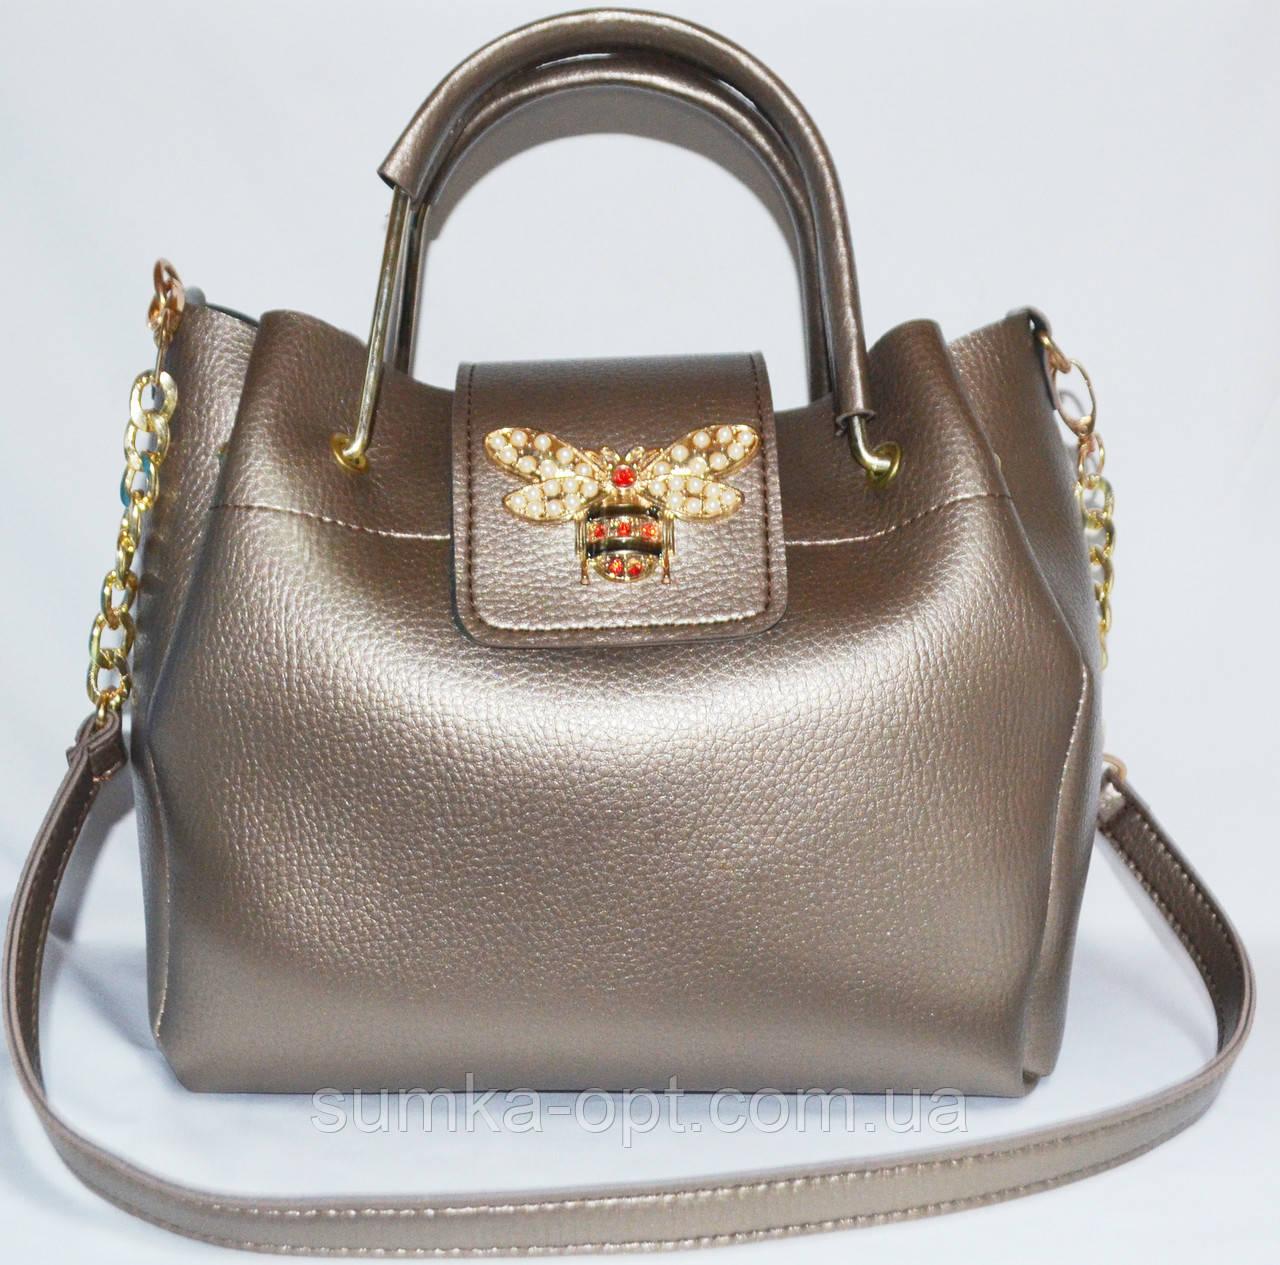 Женские сумки брендовые 2-в-1(бронза)25*25